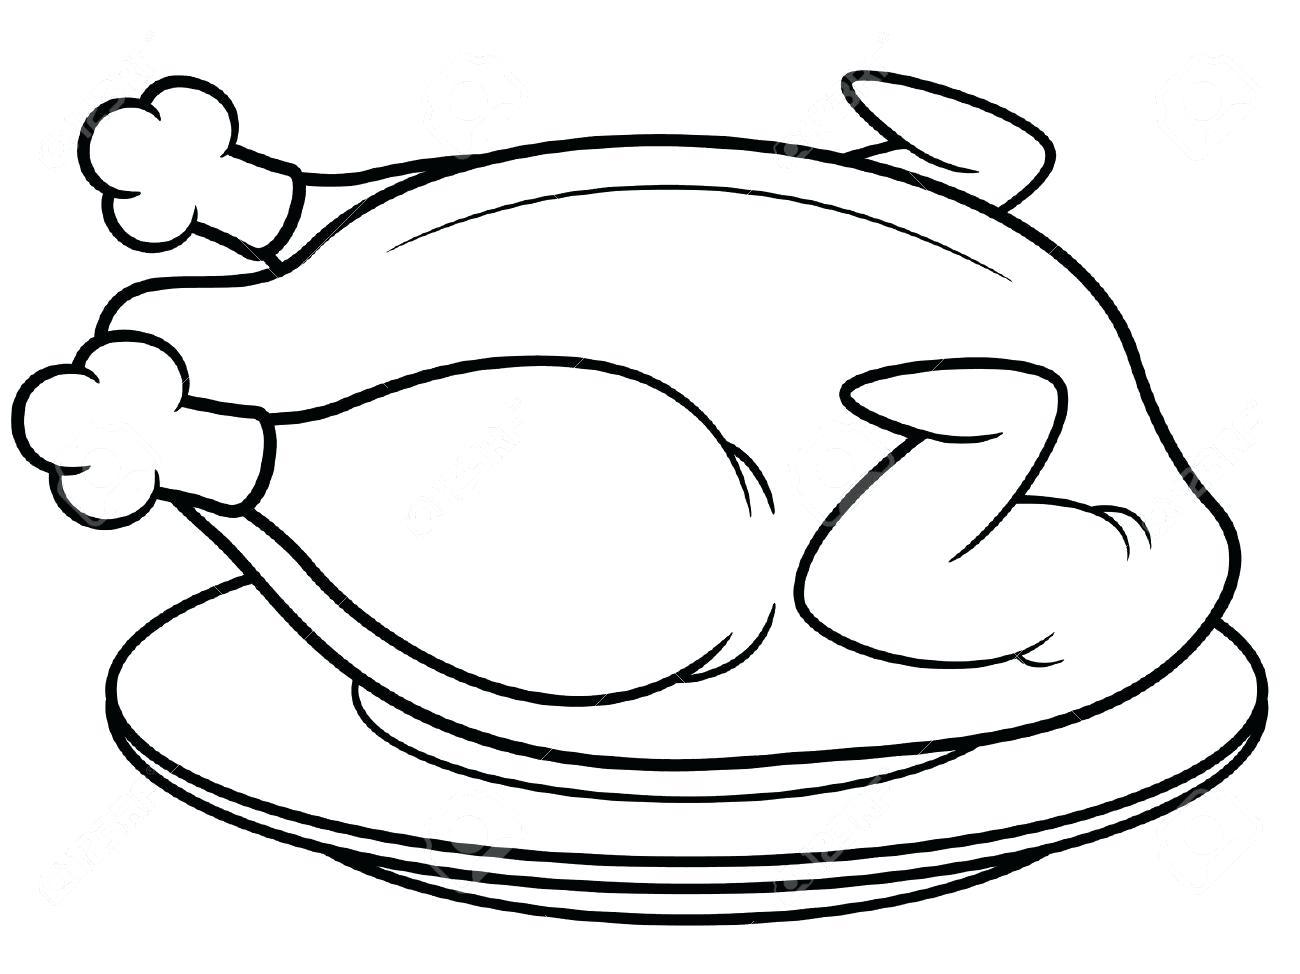 1300x974 Black And White Chicken Free Download Best Tasty Drumstick